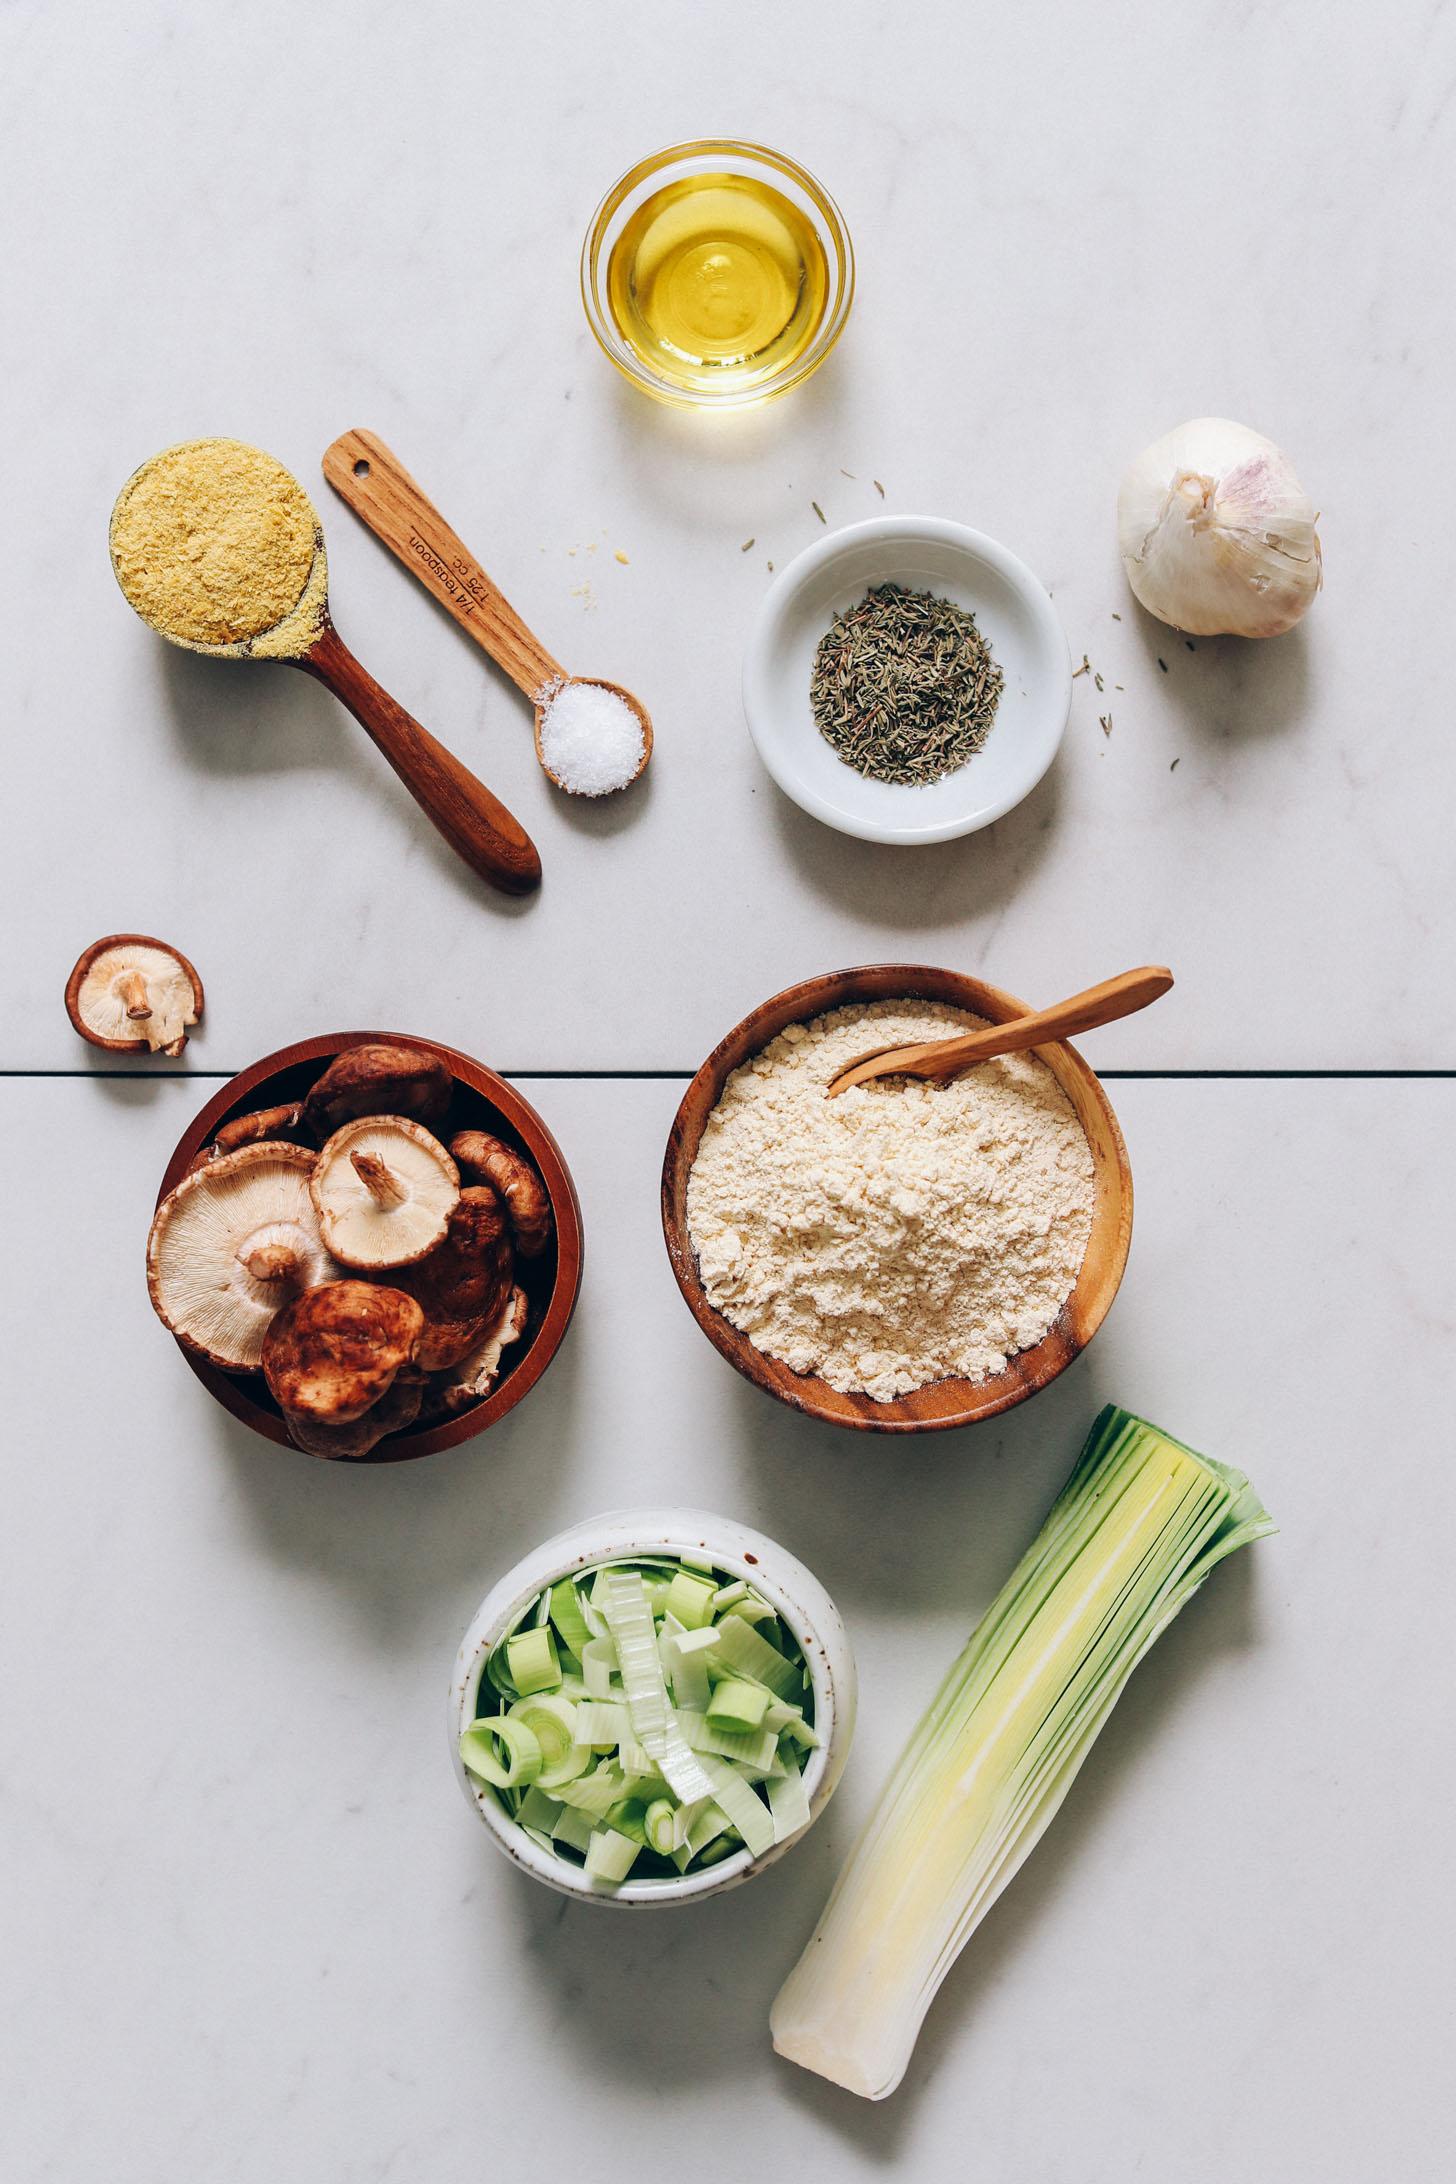 Levure nutritionnelle, sel, huile d'olive, thym, ail, farine de pois chiches, poireaux et champignons